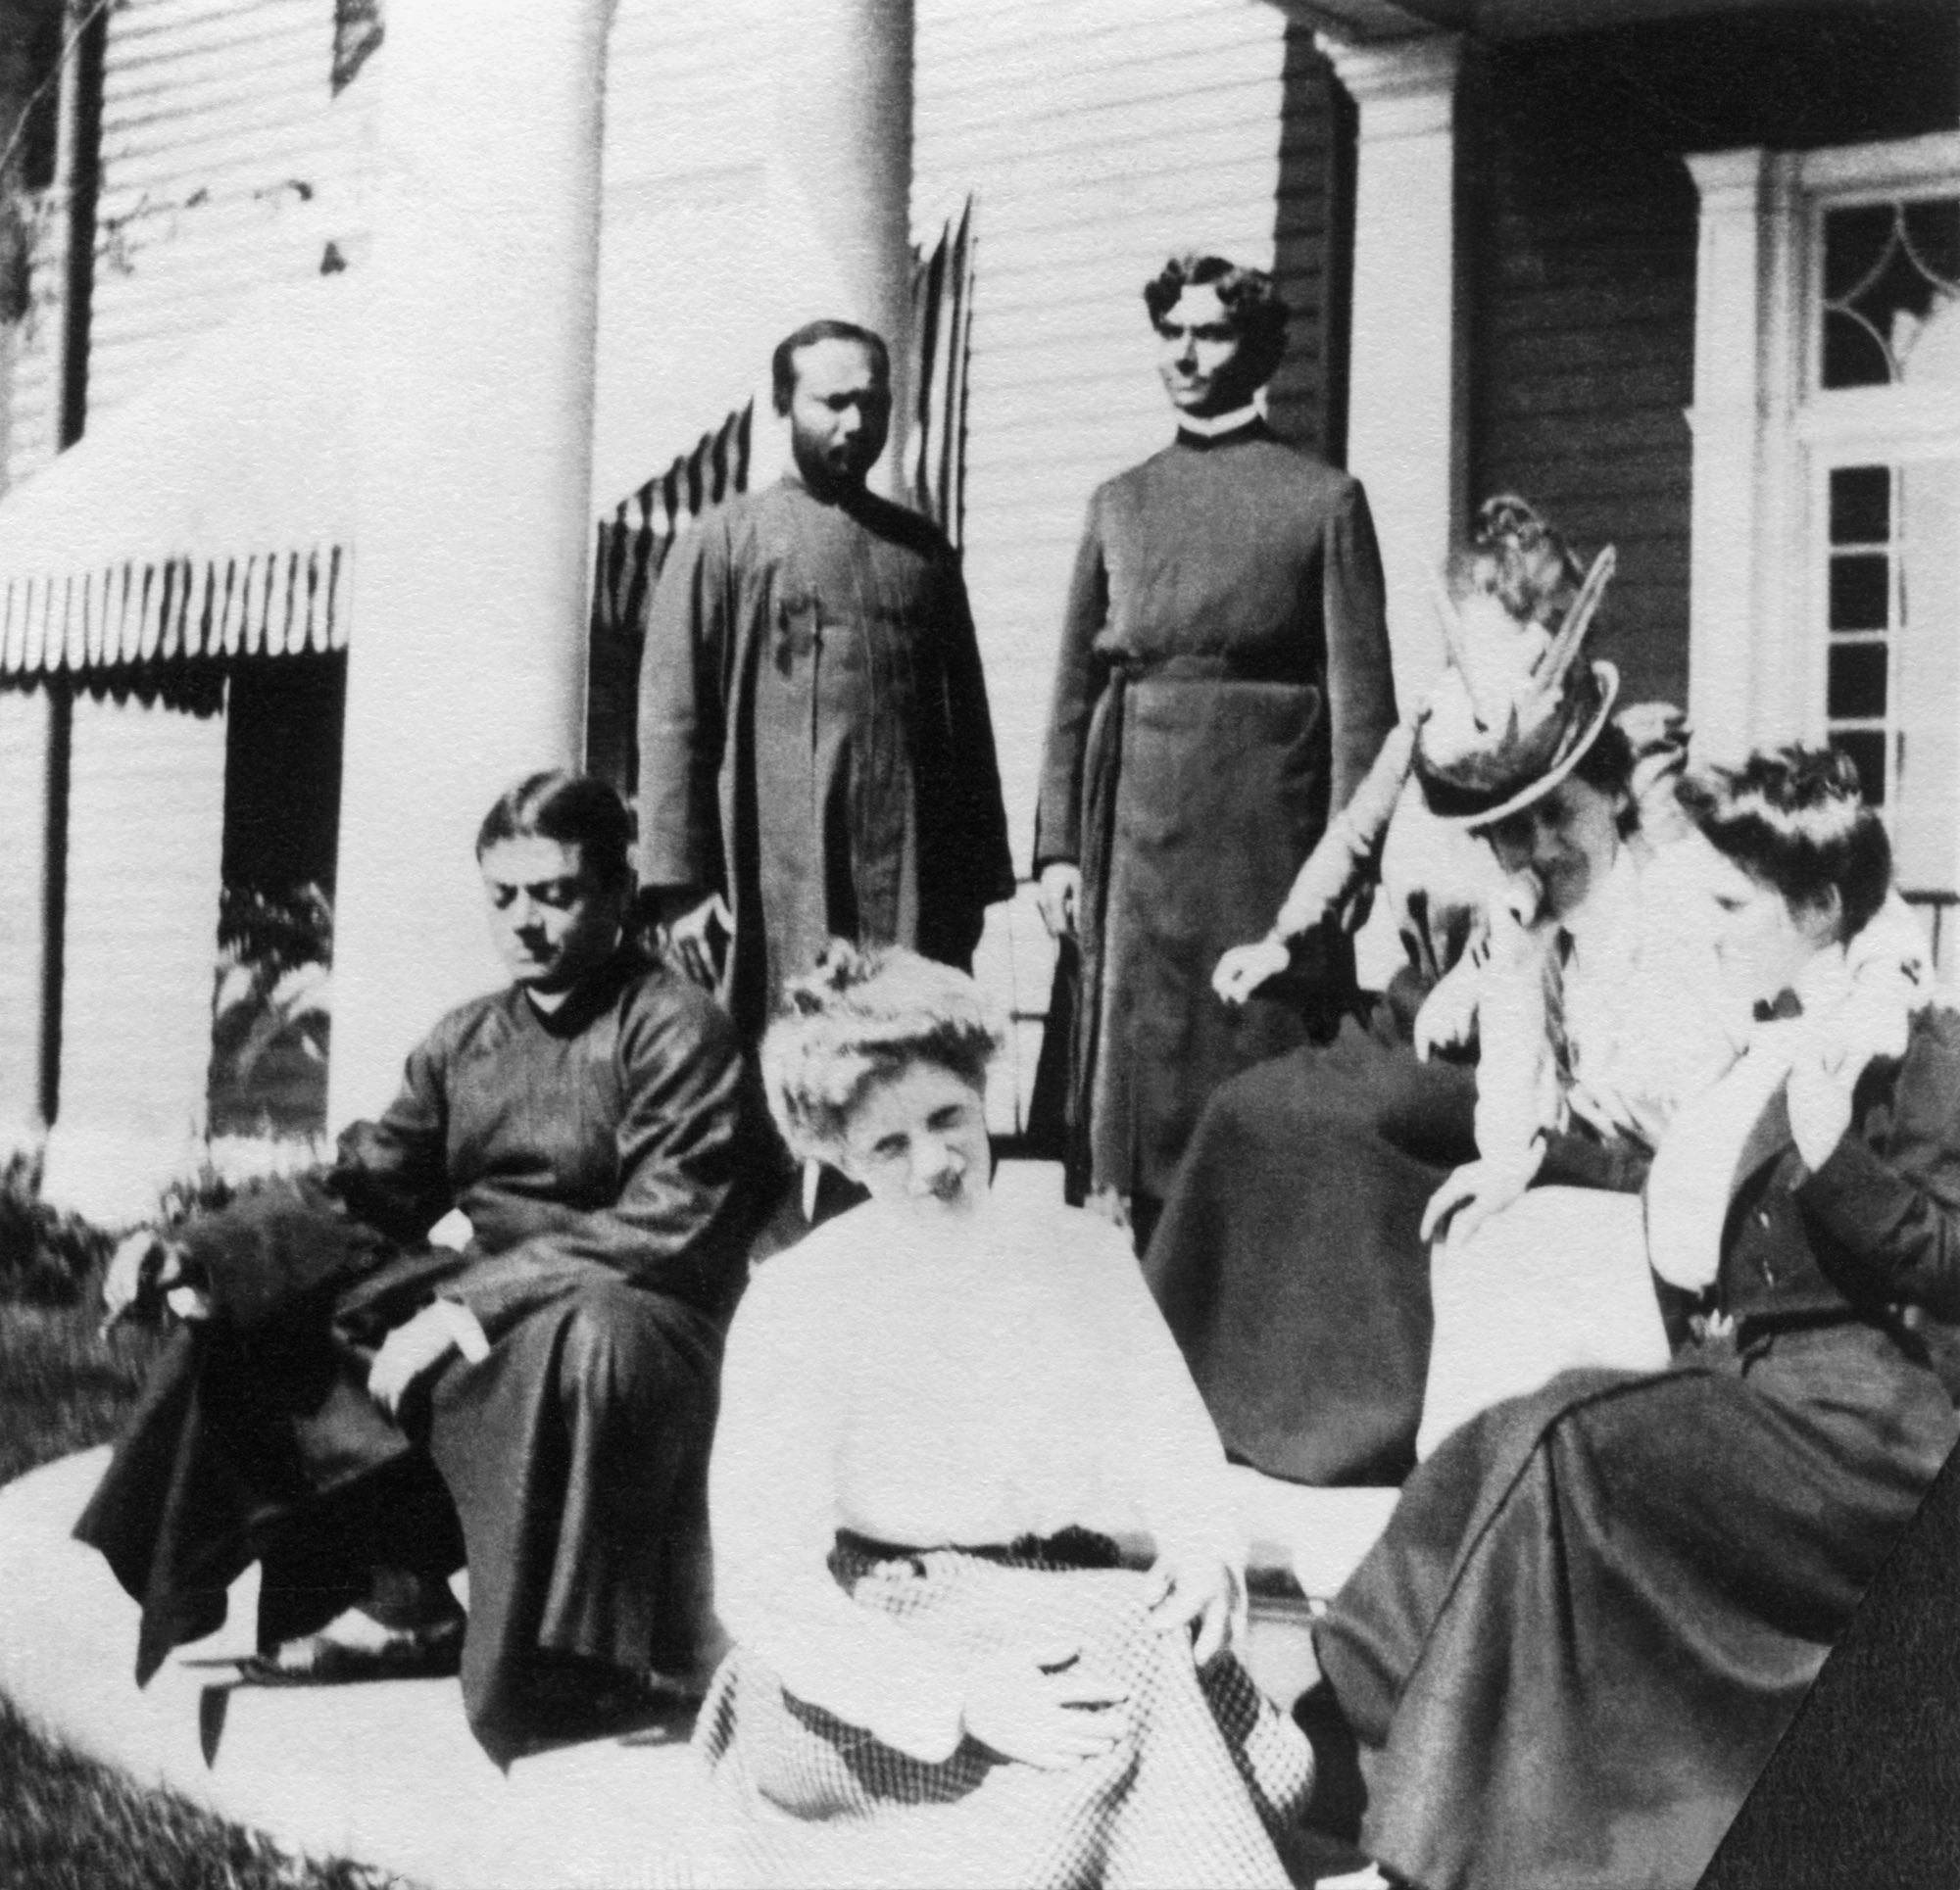 (#77) Ridgely Manor, New York. September 1899.  Standing  ( from  L): Swami Turiyananda, Swami Abhedananda.  Sitting  ( from  L): Swamiji, Alberta Sturges, Besse Leggett ( hidden ), Josephine MacLeod, and friend of Alberta's.